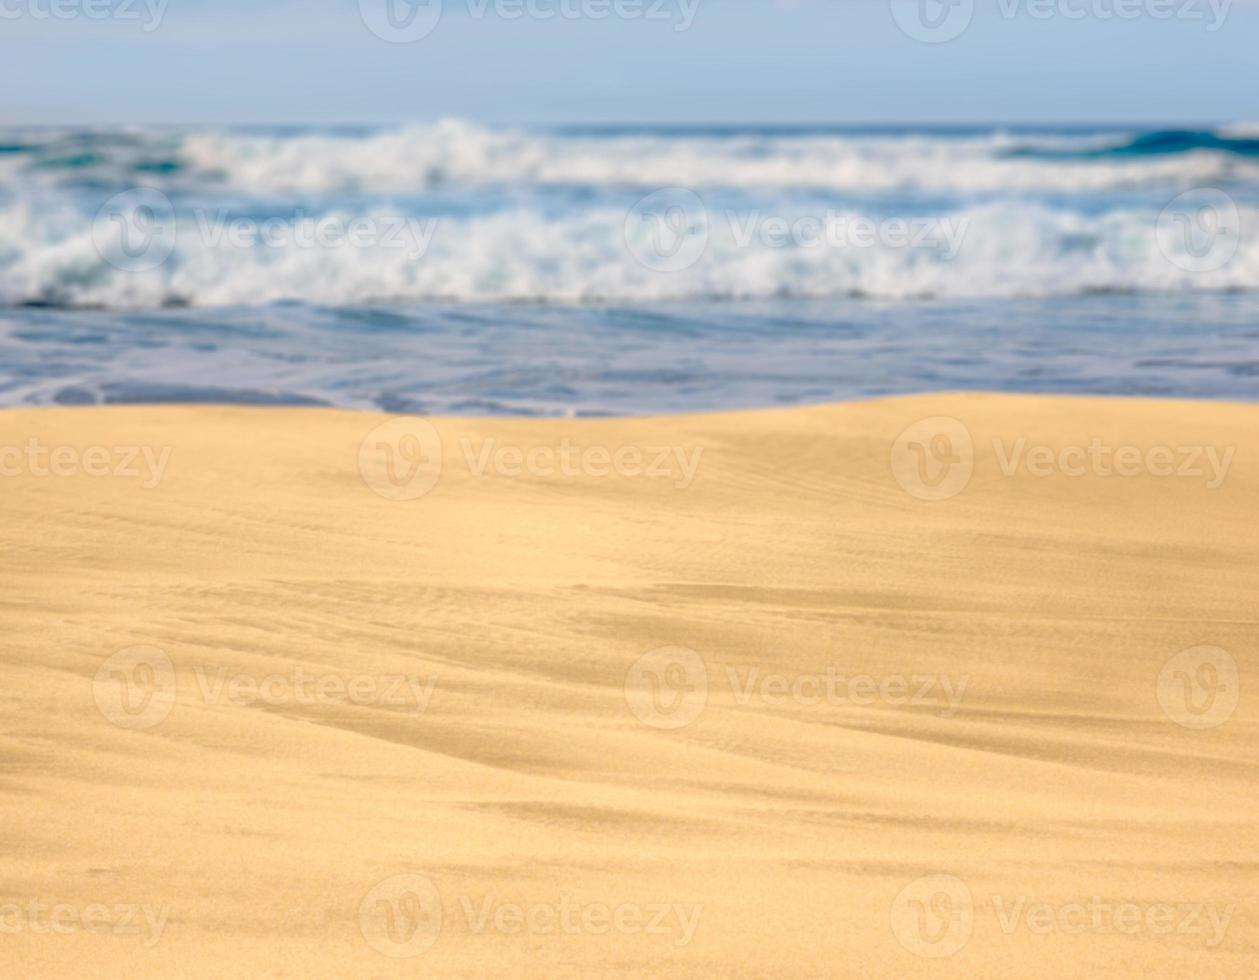 spiaggia di sabbia con onde in lontananza foto